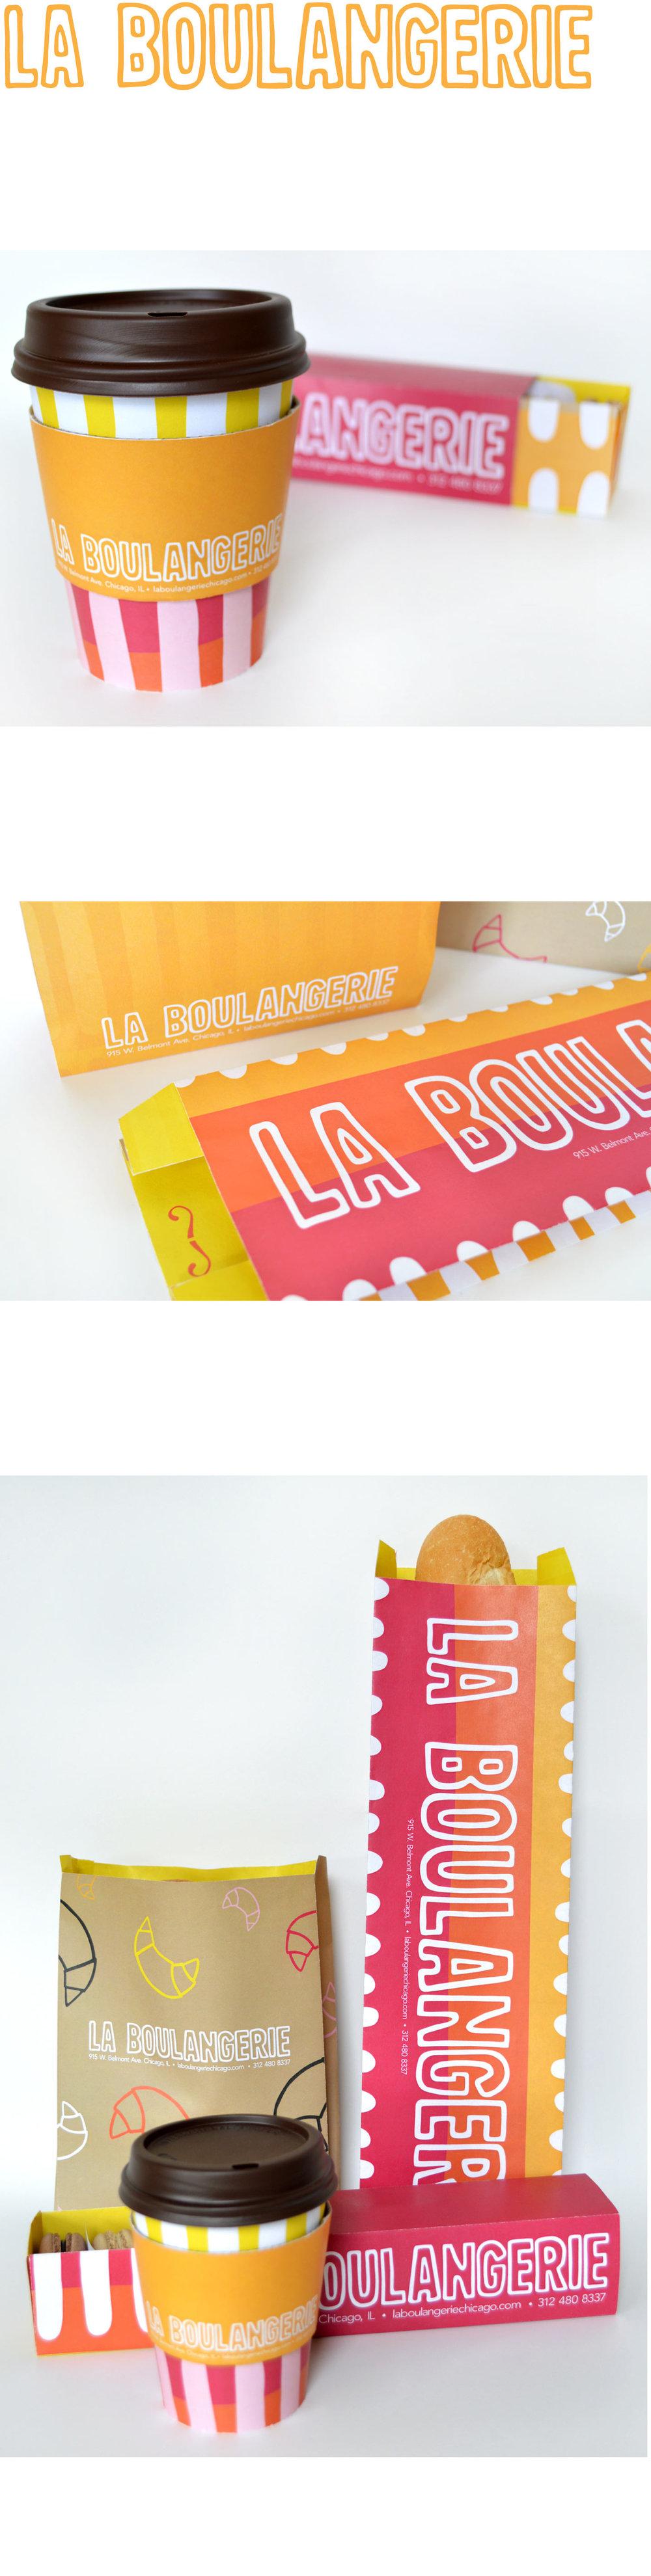 La_Boulangerie_ss.jpg